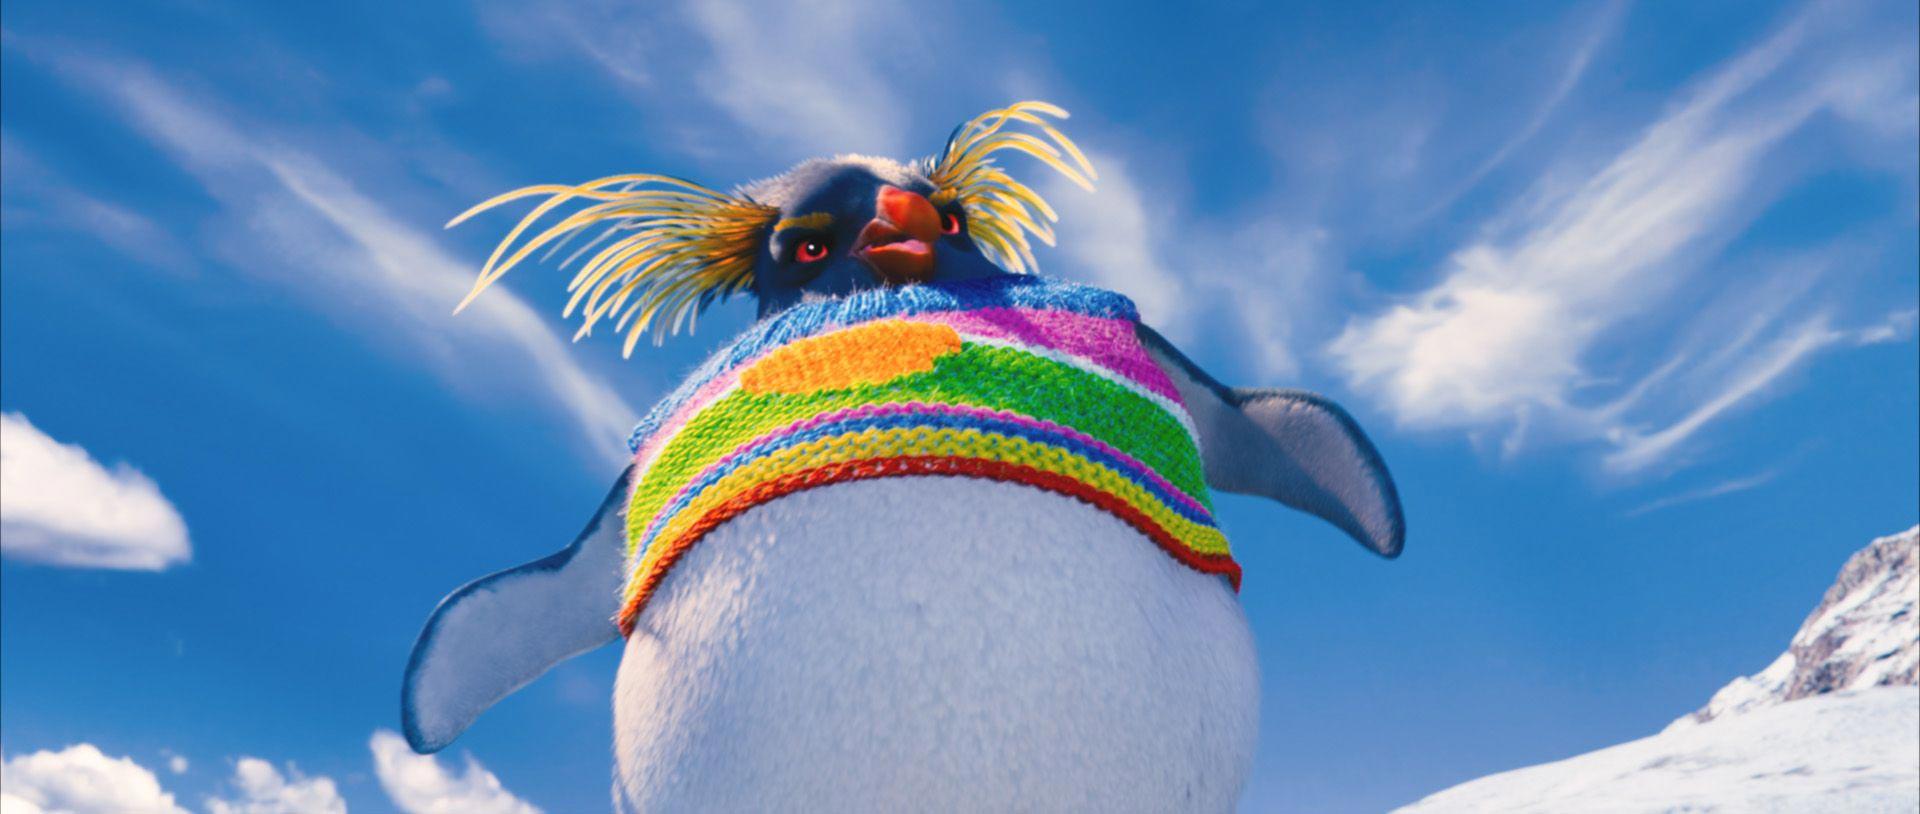 It still sucks to be a penguin.